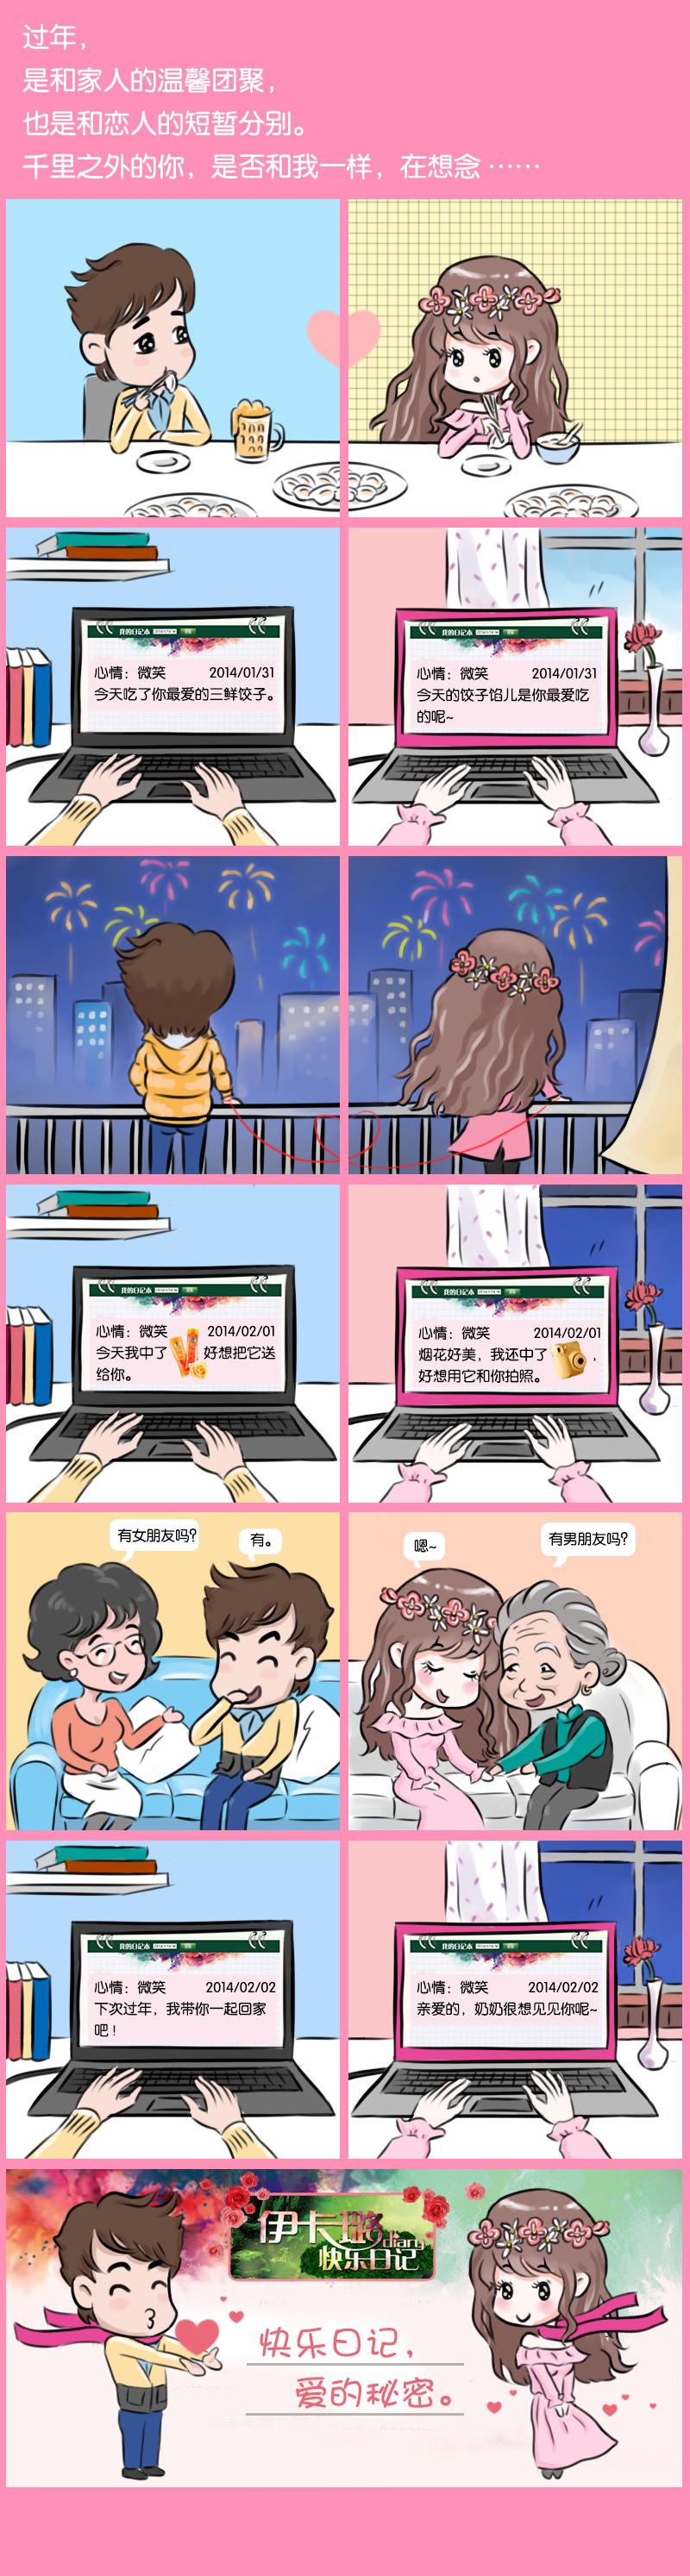 伊卡璐情侣日记漫画